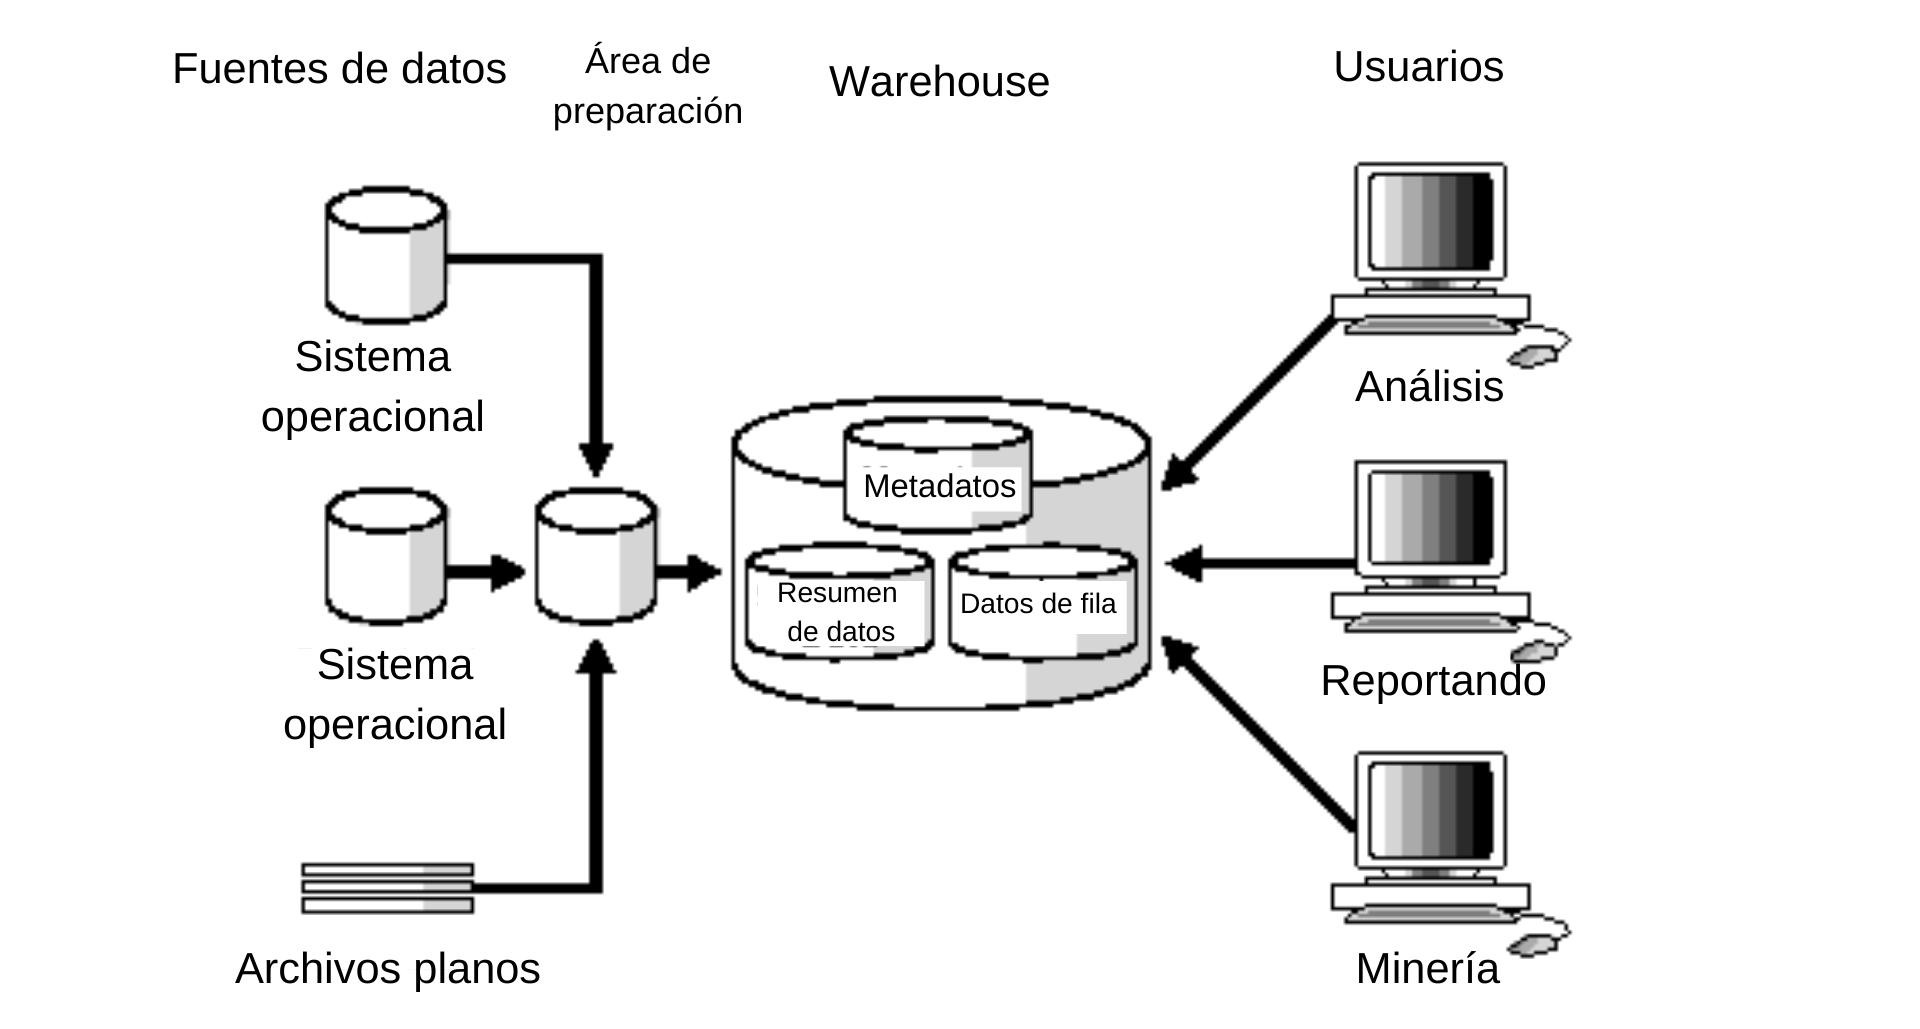 Ejemplo de data warehouse con áreas de preparación